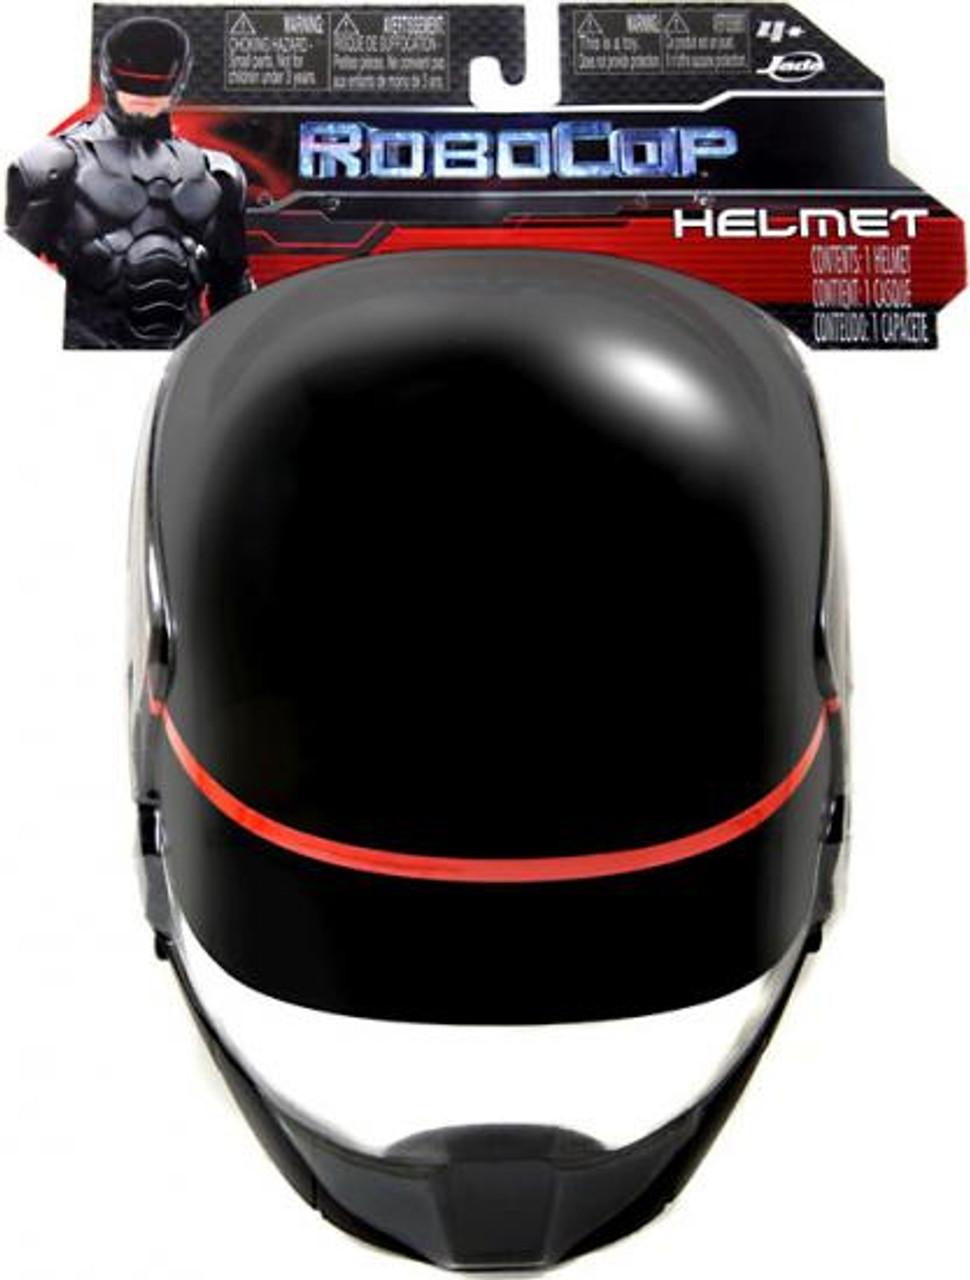 Robocop Helmet 10-Inch Roleplay Toy